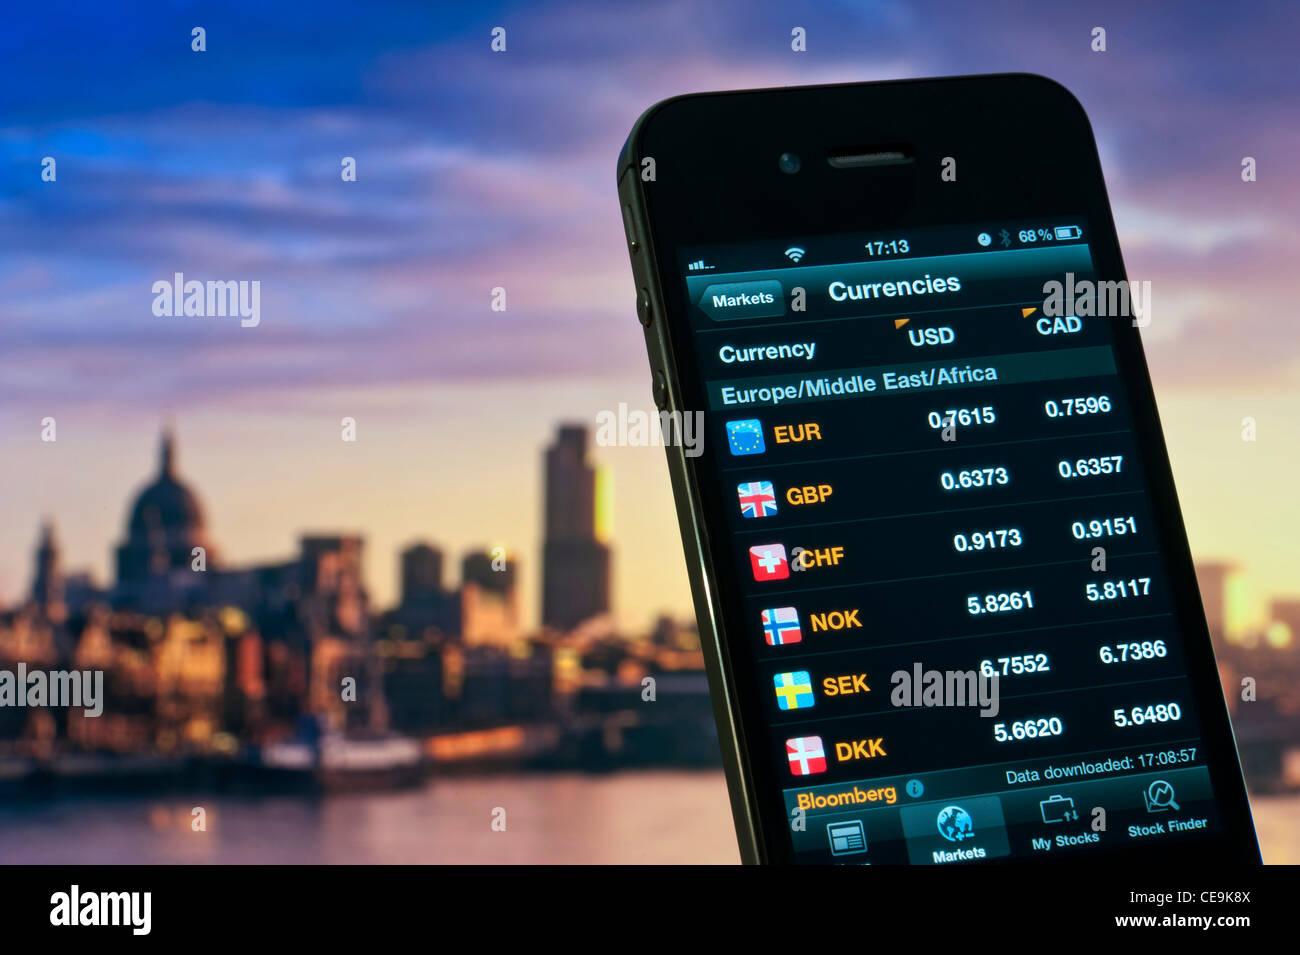 2012 iPhone pantalla visualizando datos de tipos de cambio europeo frente al dólar de EE.UU. y Canadá Foto de stock